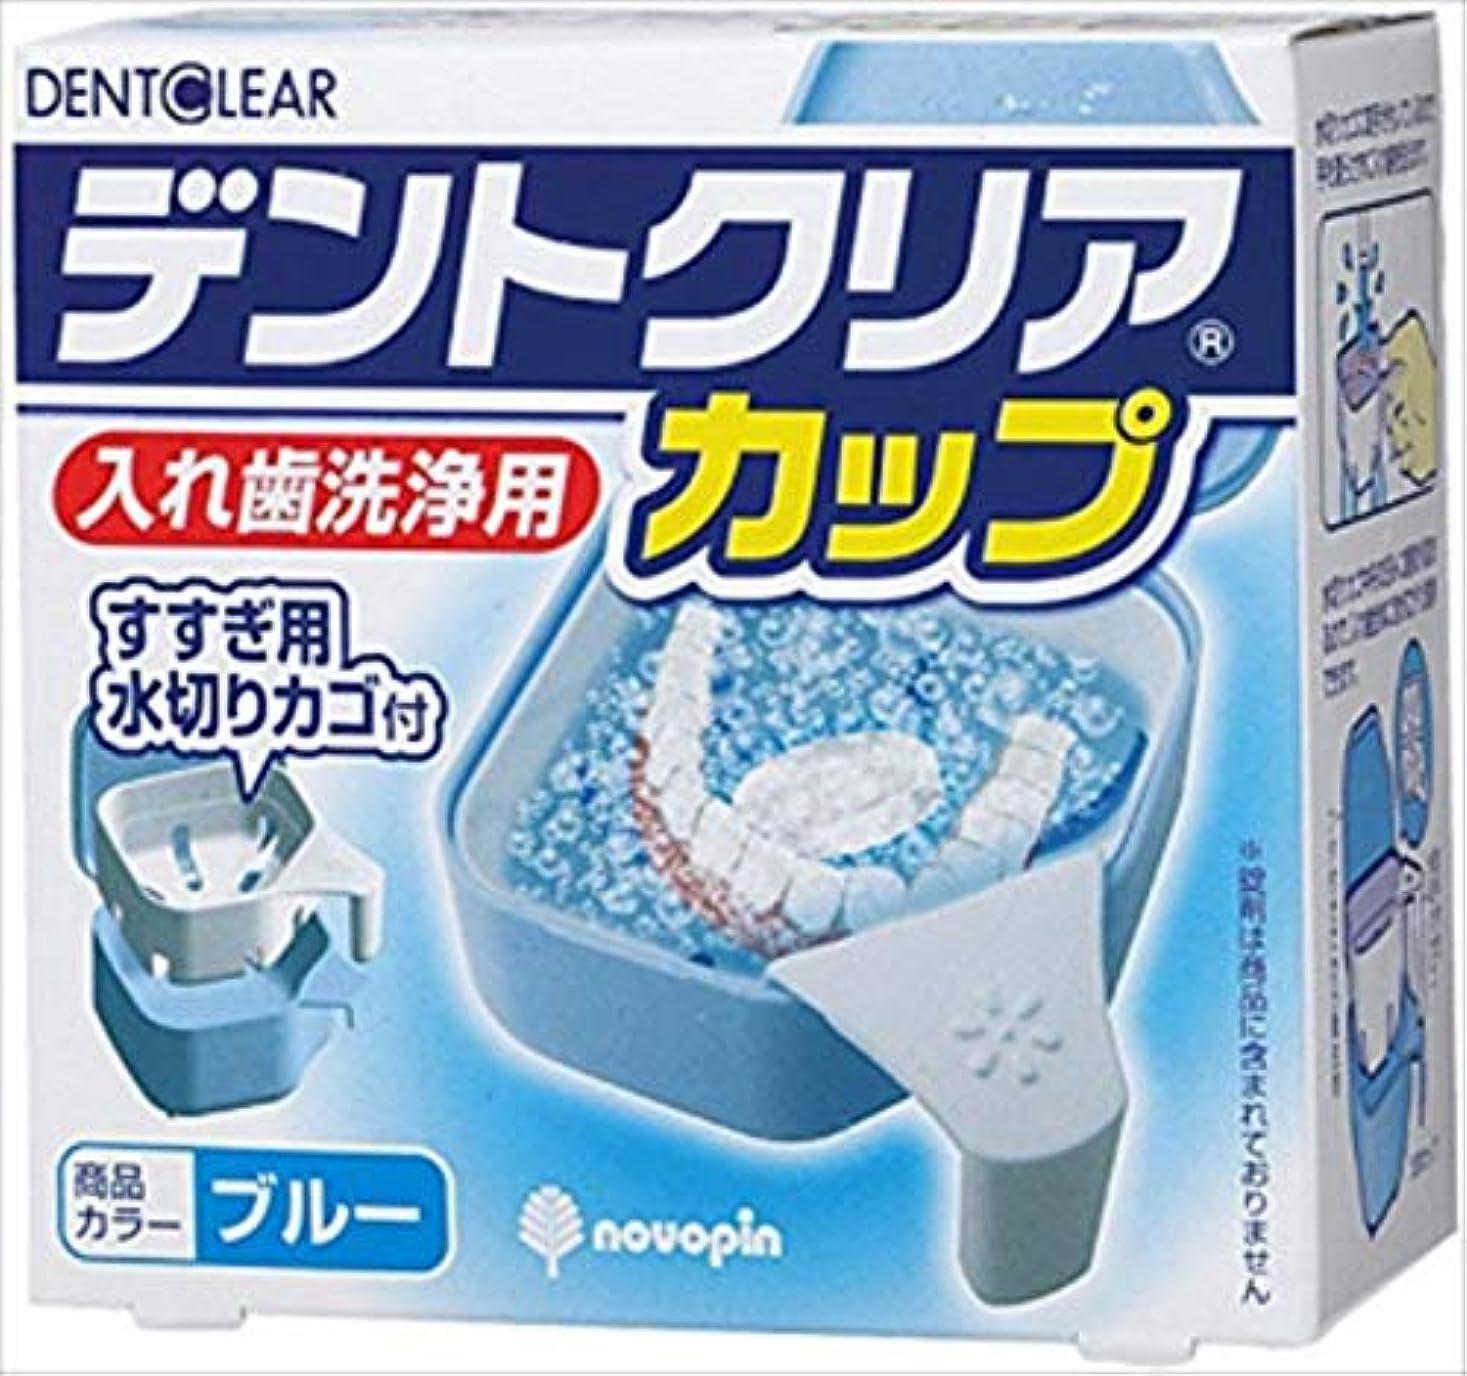 バスケットボールそれブランド名紀陽除虫菊 入れ歯ケース 日本製 デントクリア カップ (ブルー/水切りカゴ付) コンパクト